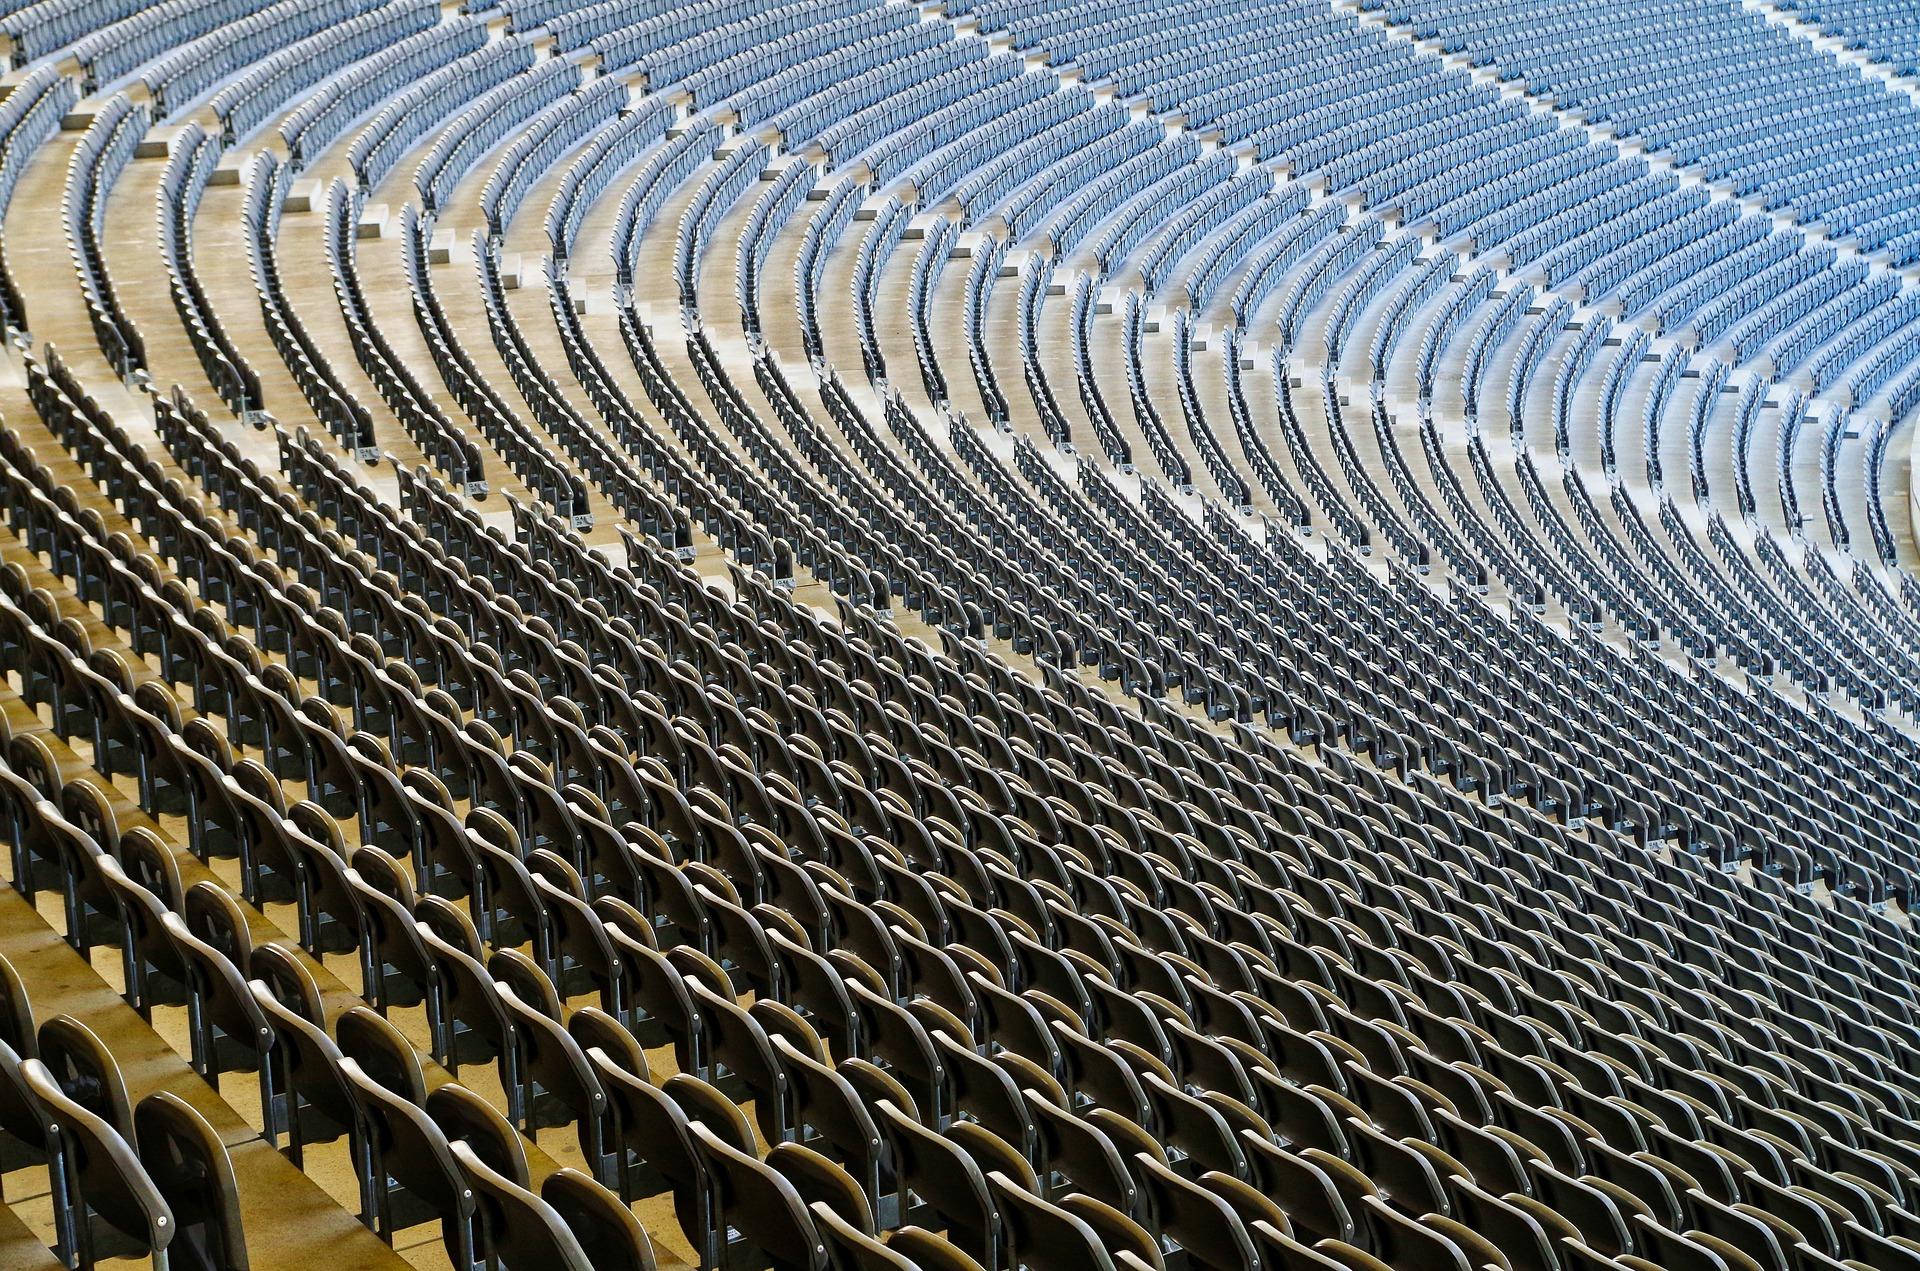 stadion stole - Top sportsbegivenheder over hele verden